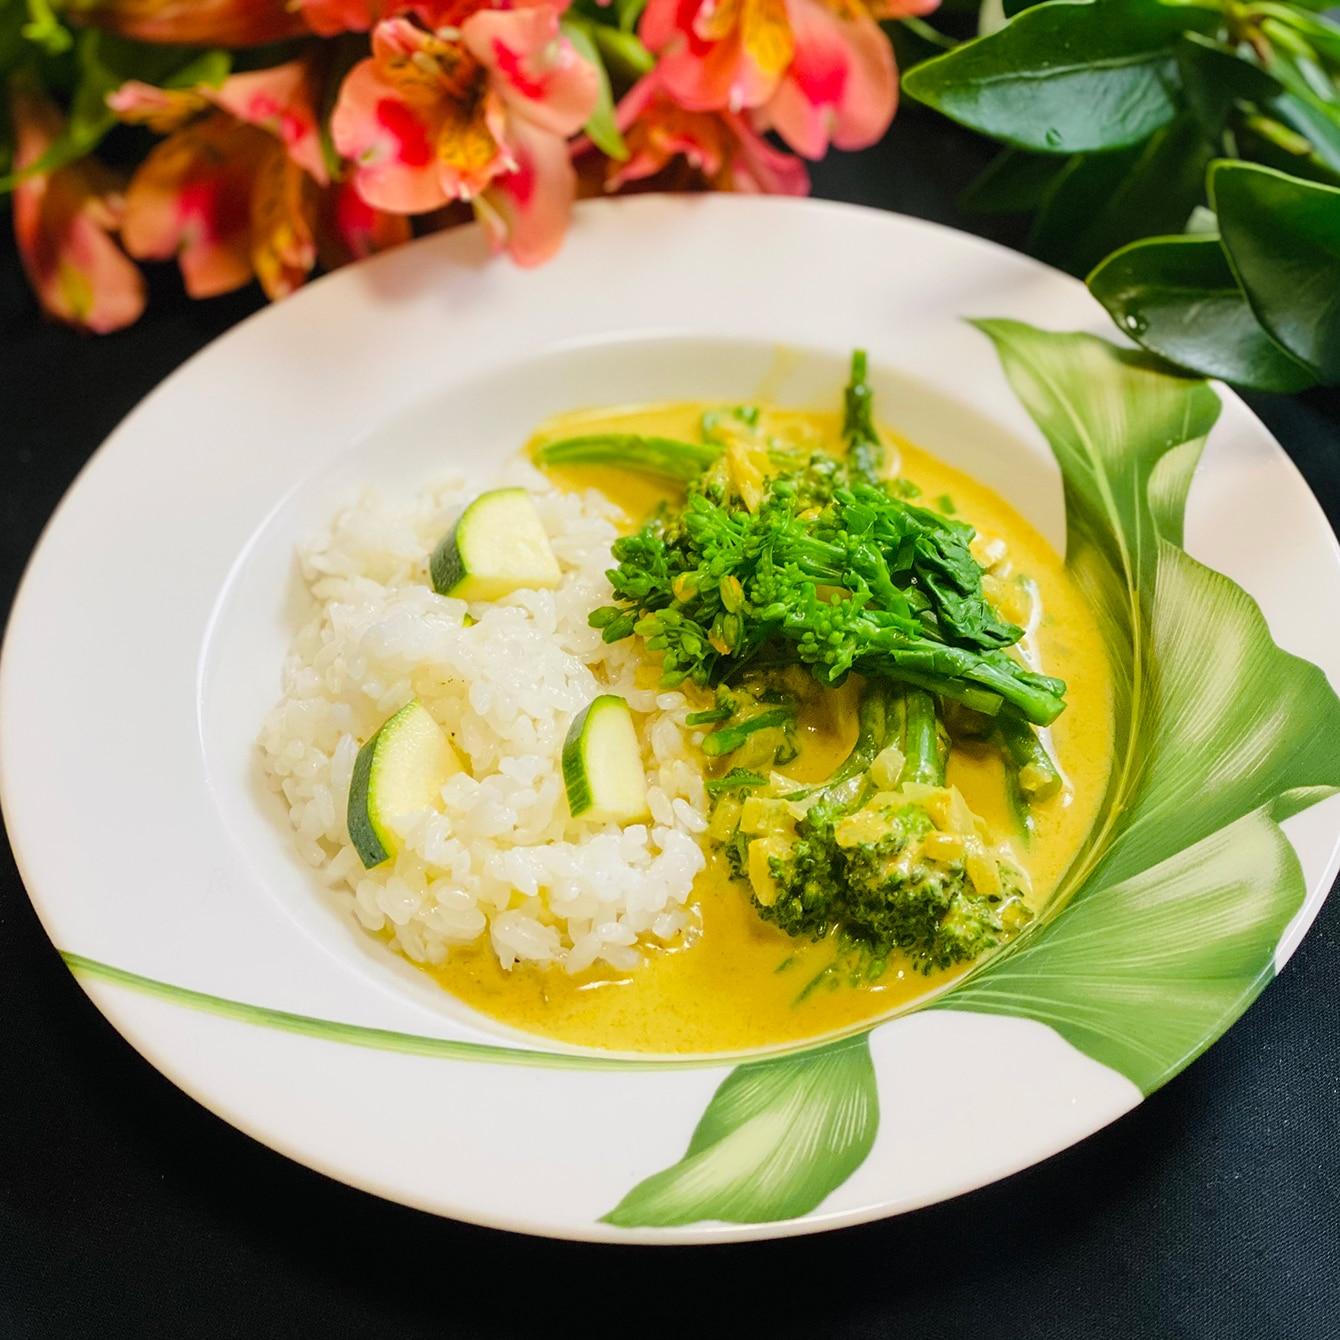 【美味しいヴィーガンレシピ】菜の花とグリーン野菜のココナッツミルクカレー